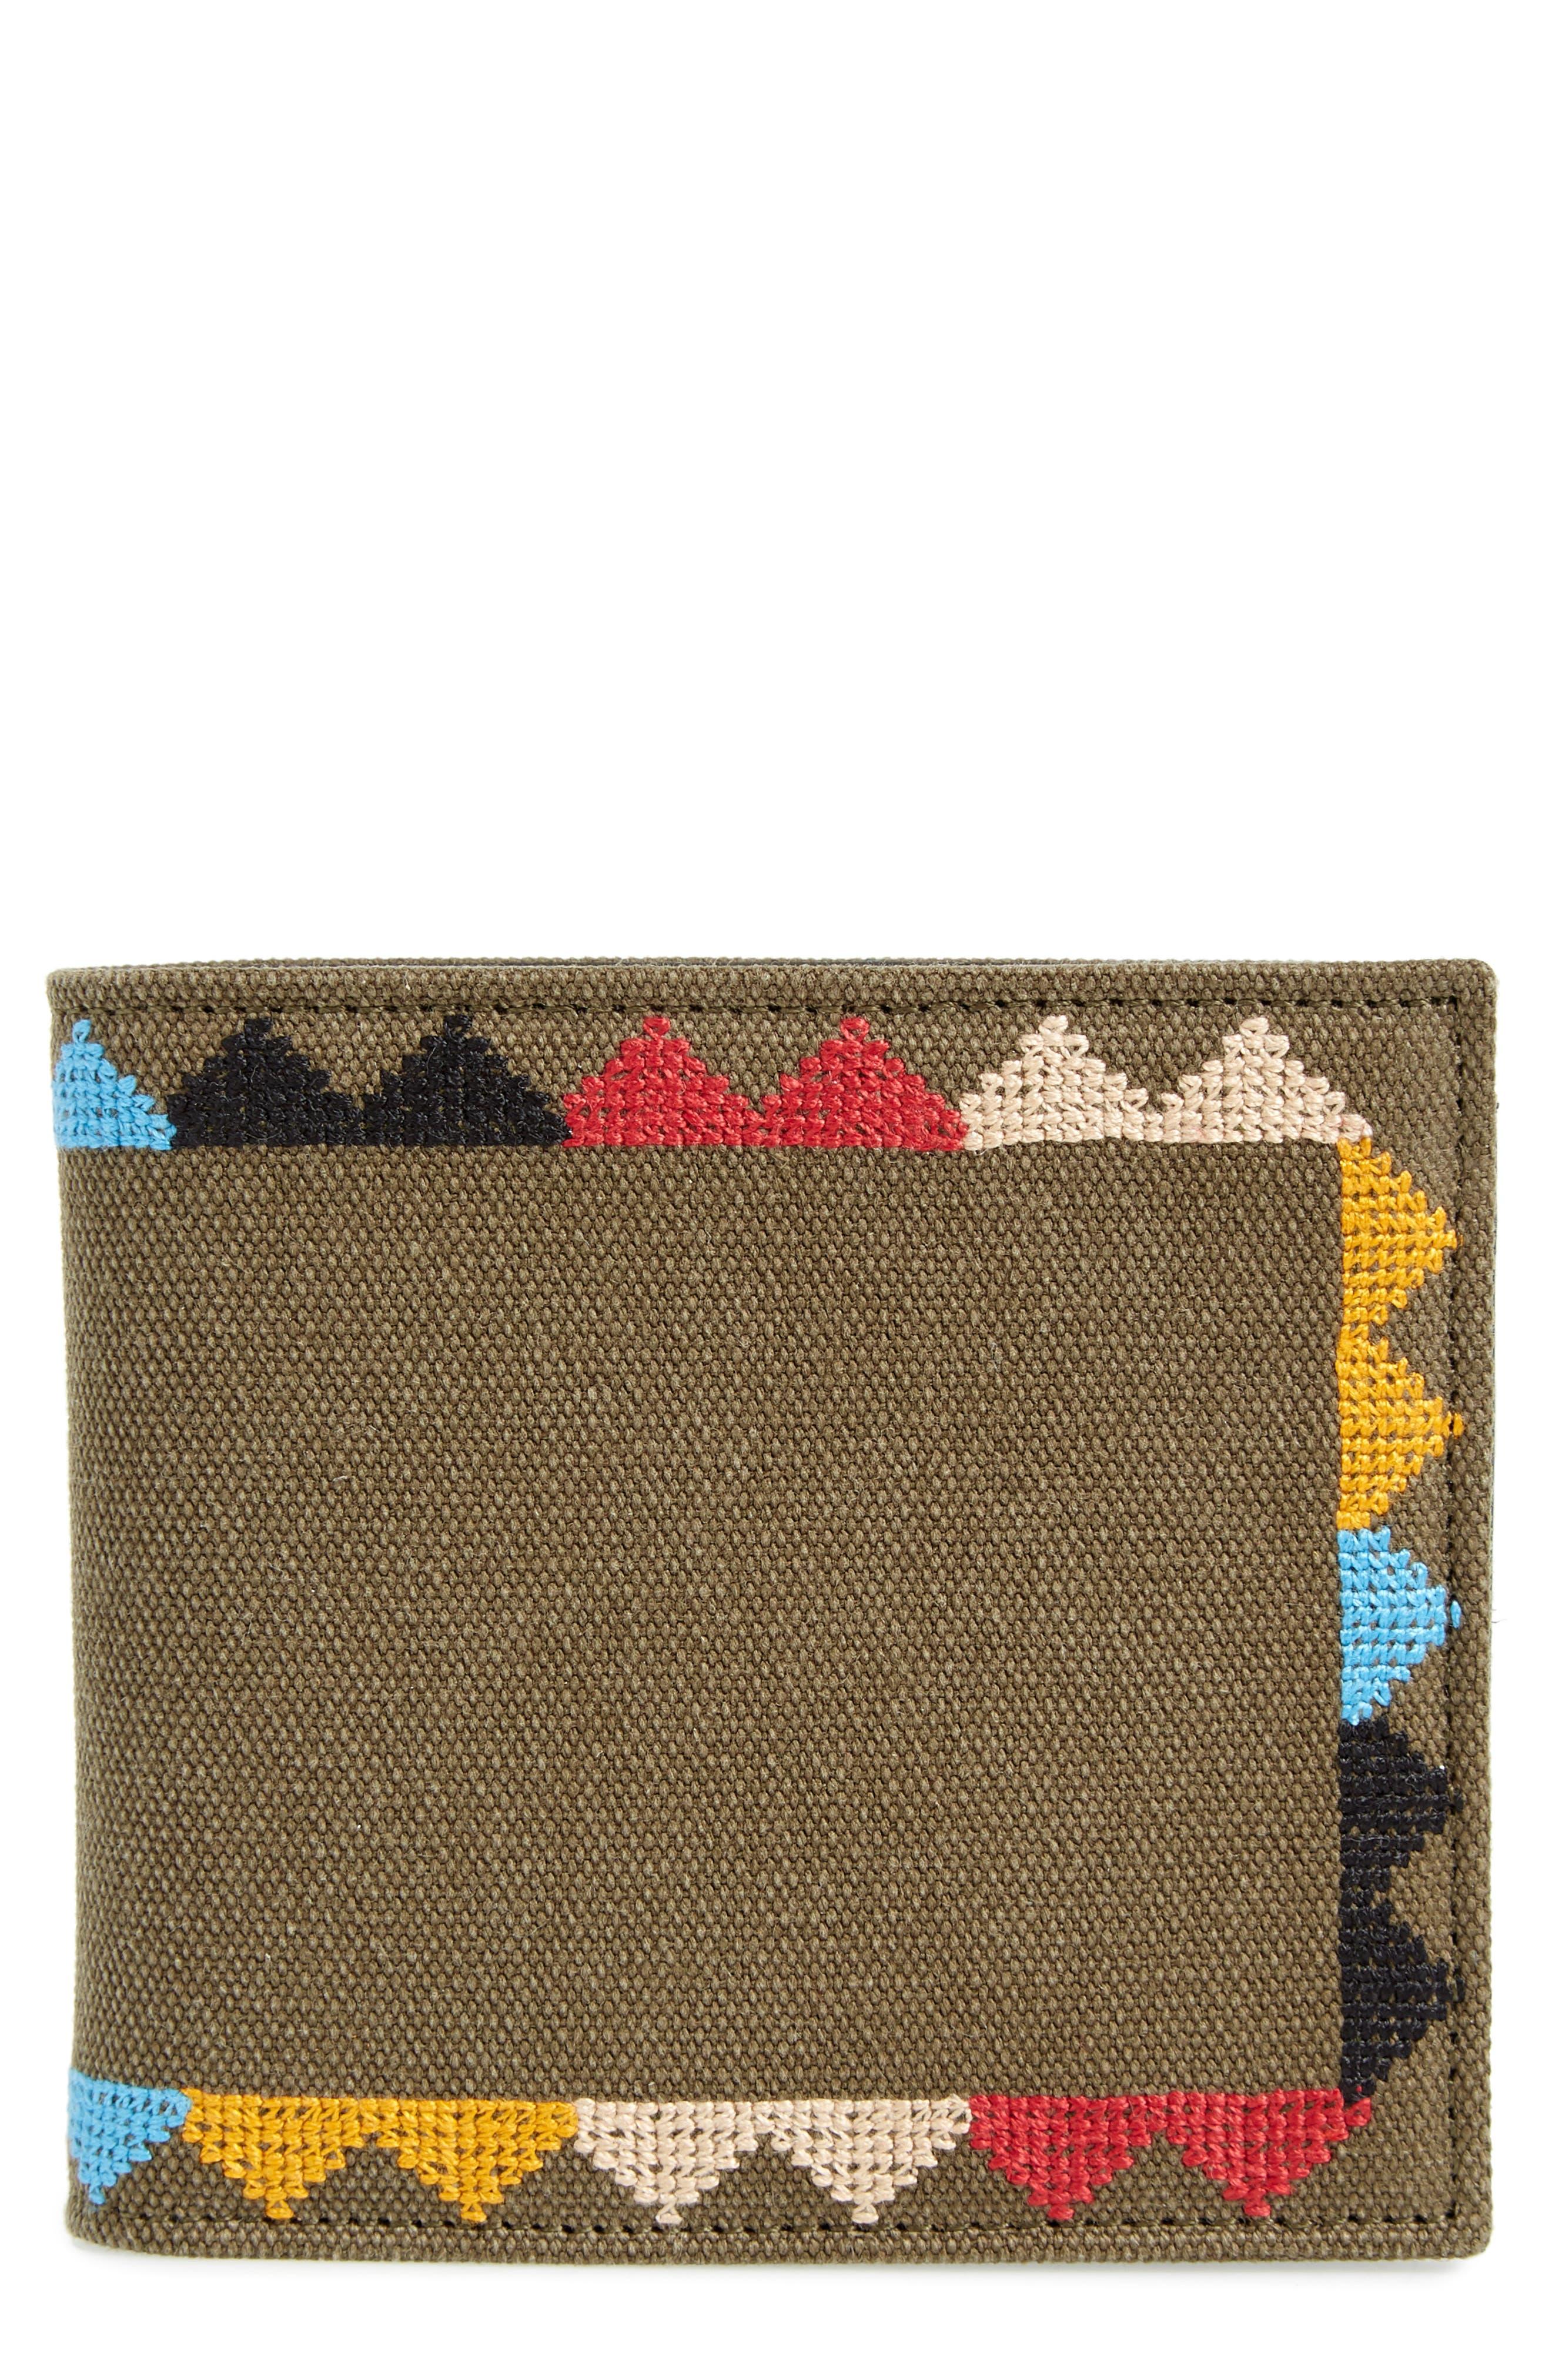 GARAVANI Canvas Wallet,                         Main,                         color, 370